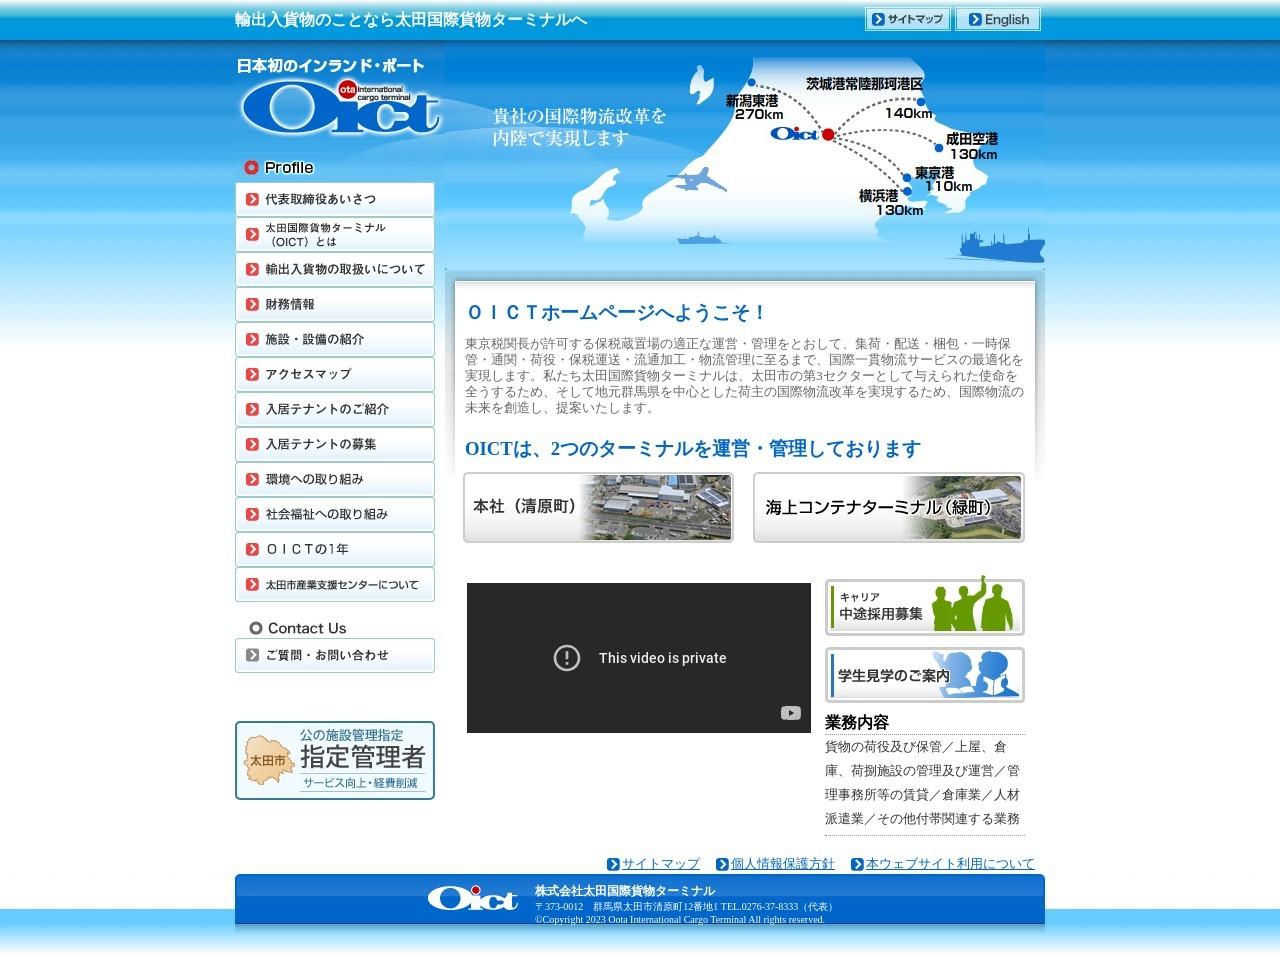 株式会社太田国際貨物ターミナル